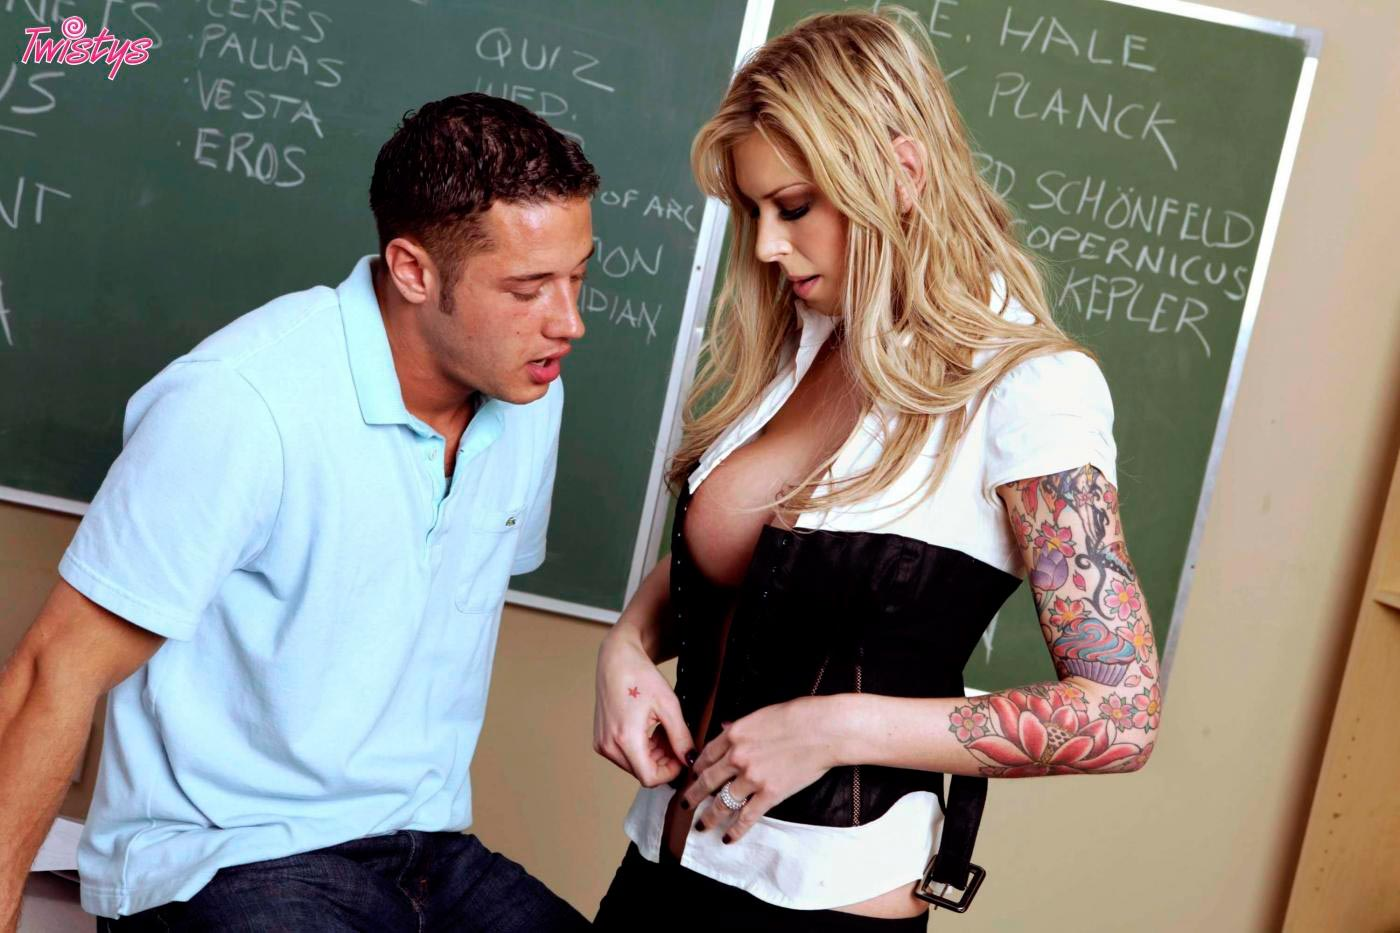 Студентка дала учителю, Студентка дала бывшему учителю смотреть порно 3 фотография